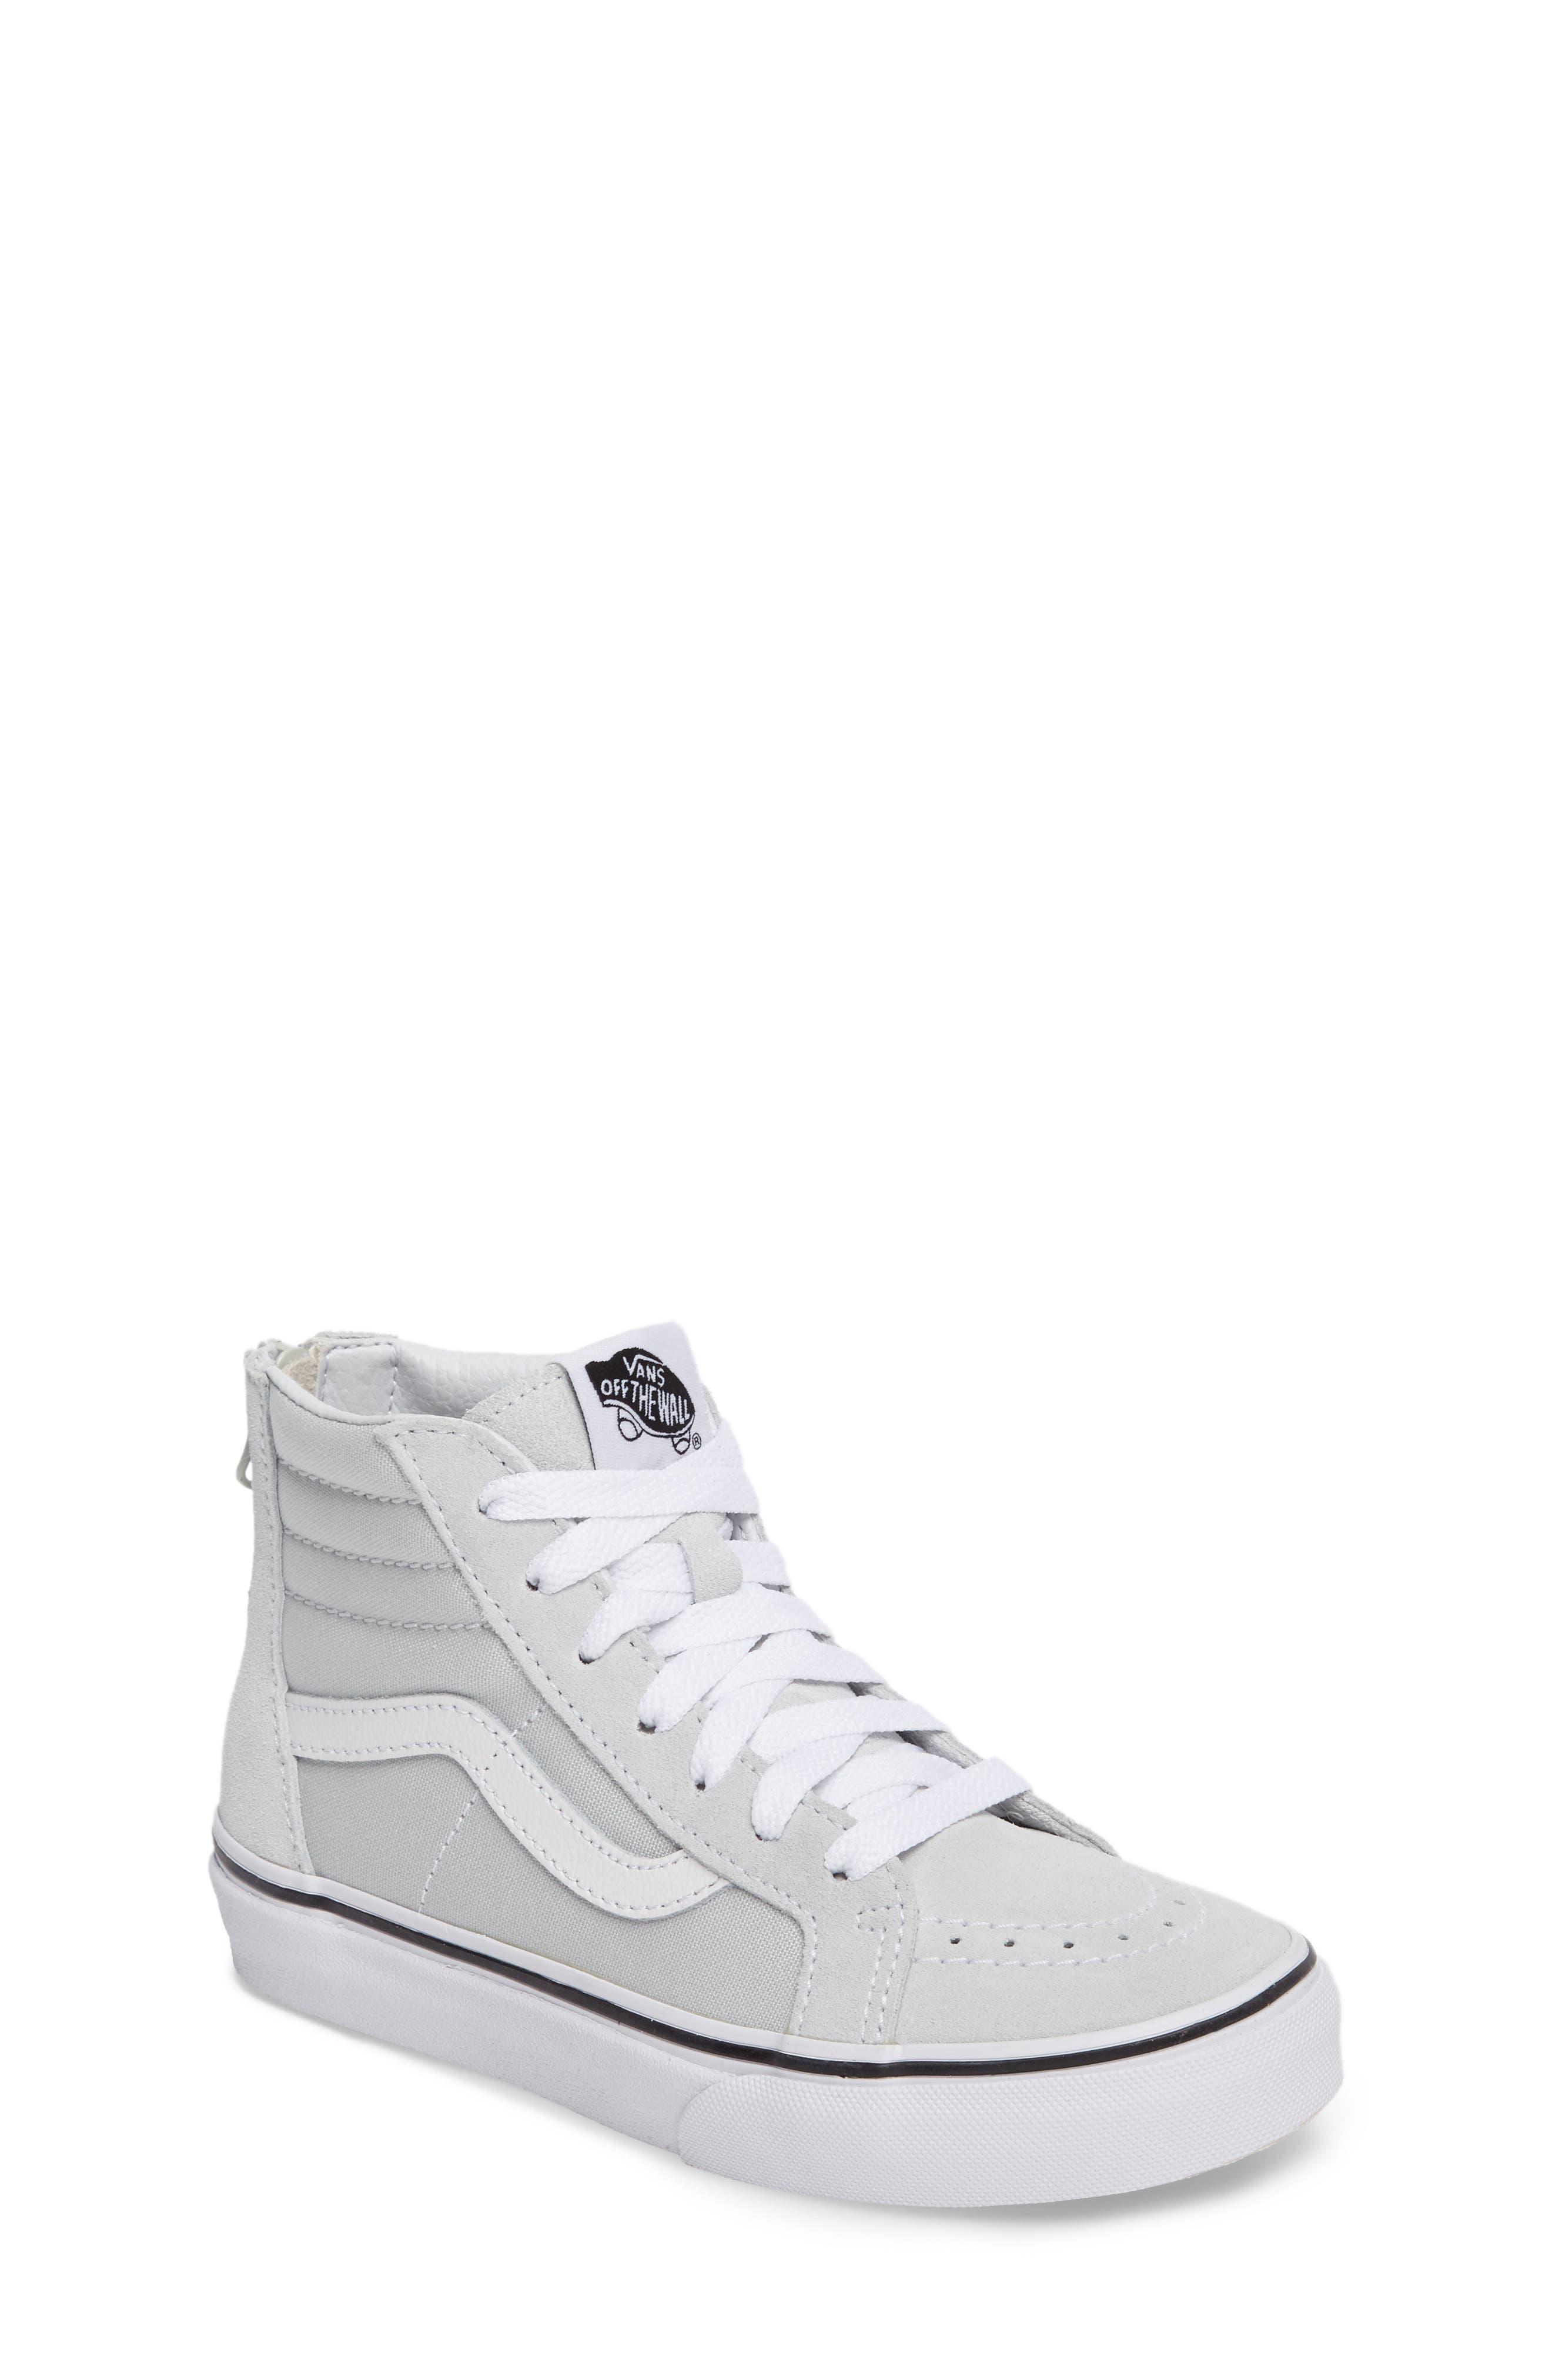 SK8-Hi Zip Sneaker,                             Main thumbnail 1, color,                             900